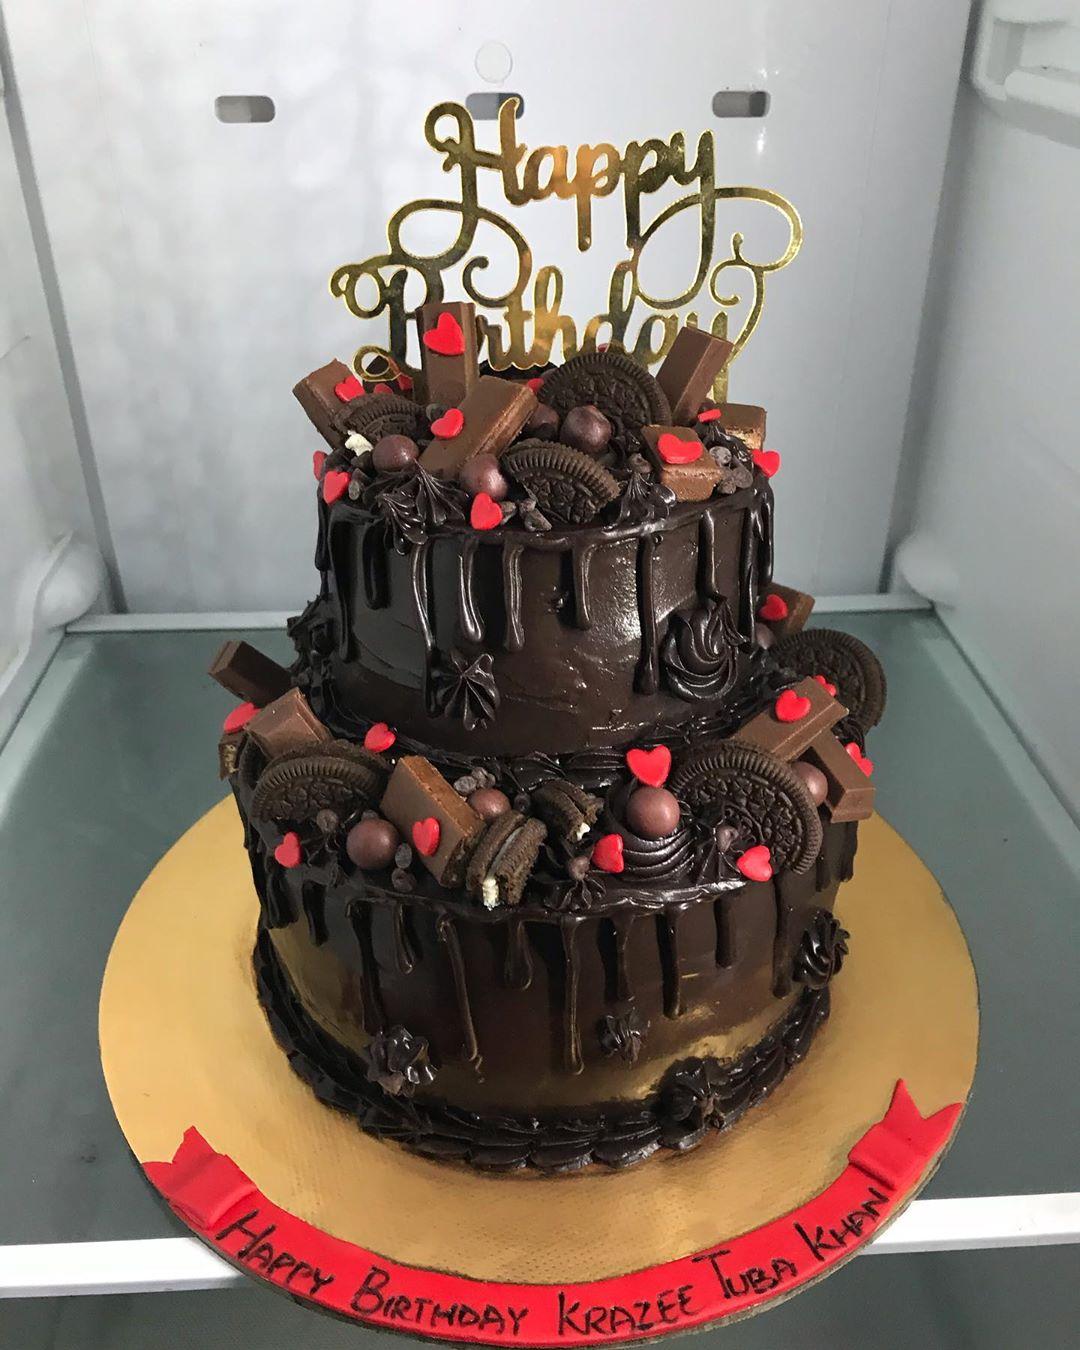 2 Tier Chocolate Oreo Cake